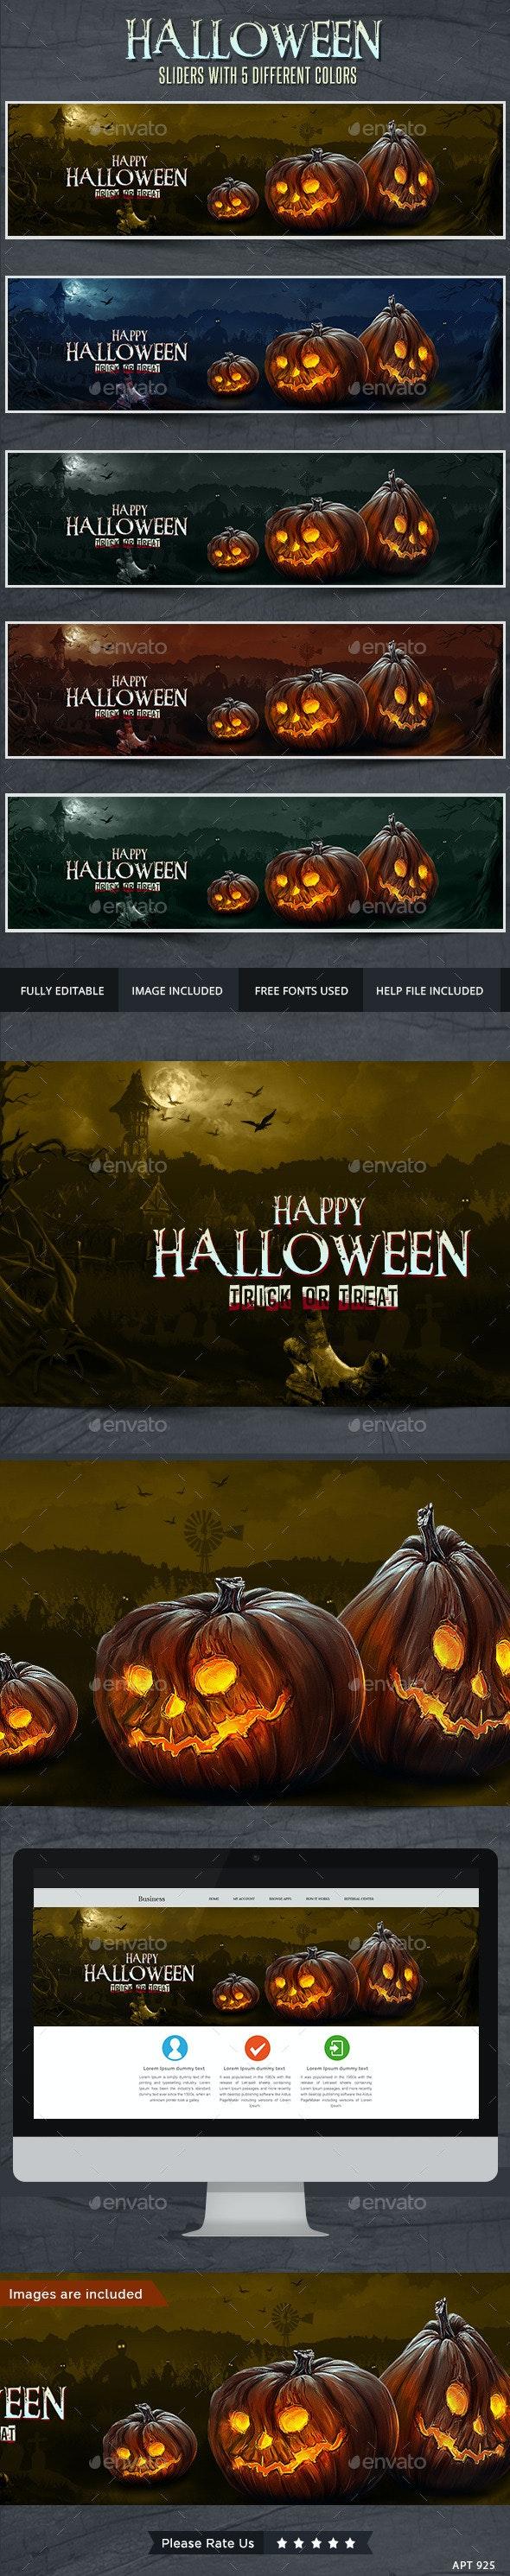 Halloween Slider - Sliders & Features Web Elements